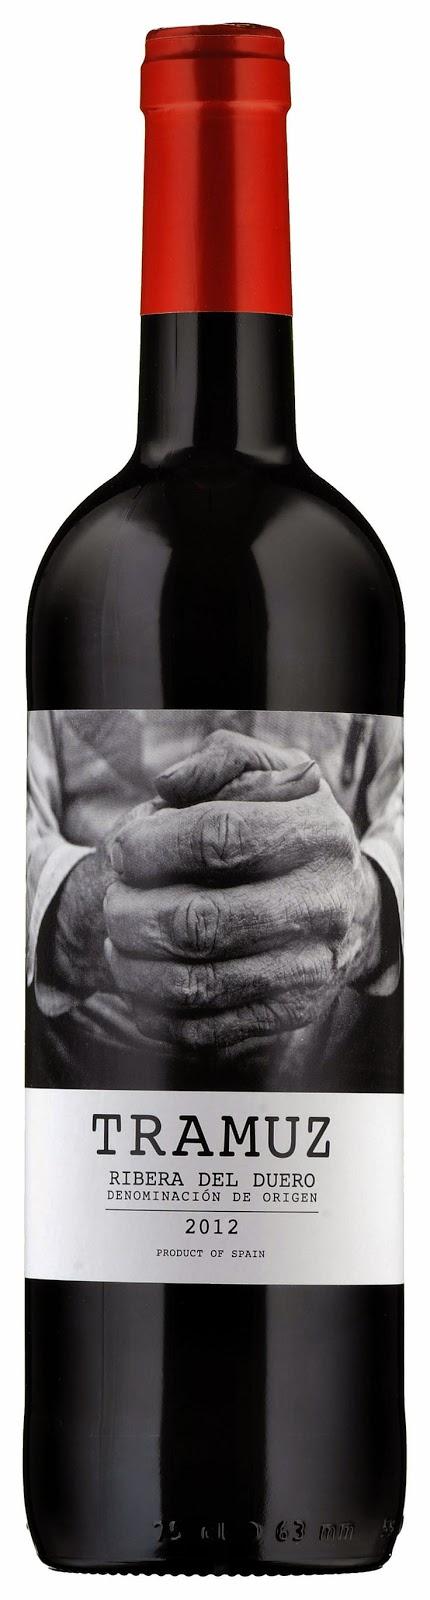 vino vigneto bottiglia concept concetto mani lavoro etichette design packaging mktg